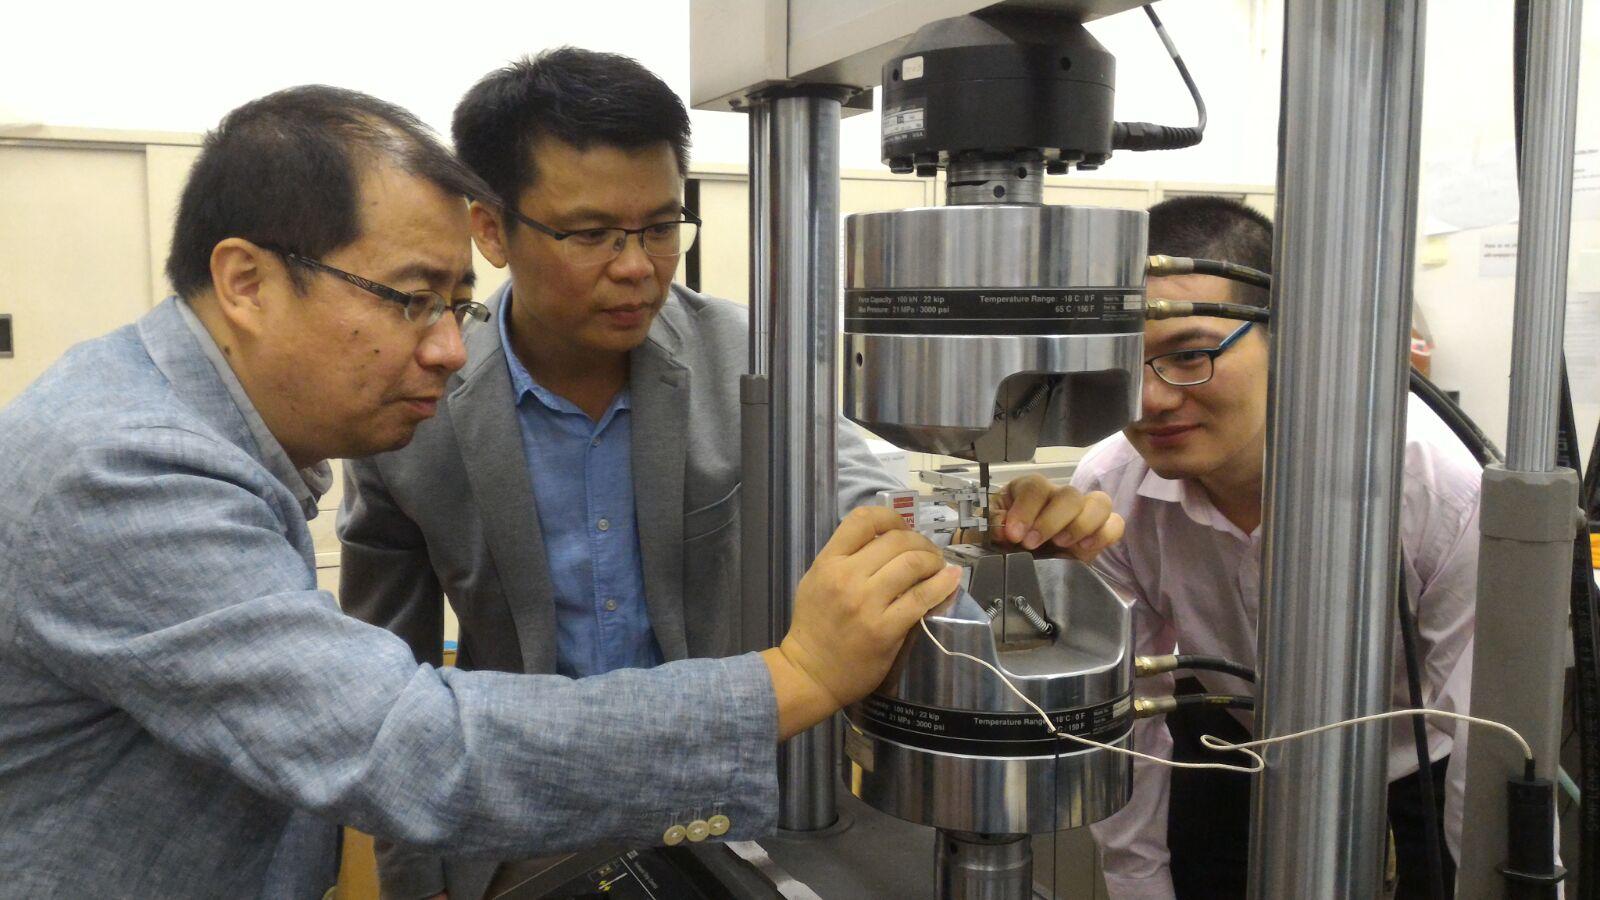 科研團隊人員使用機器測試「超級鋼」的延展性及強度。